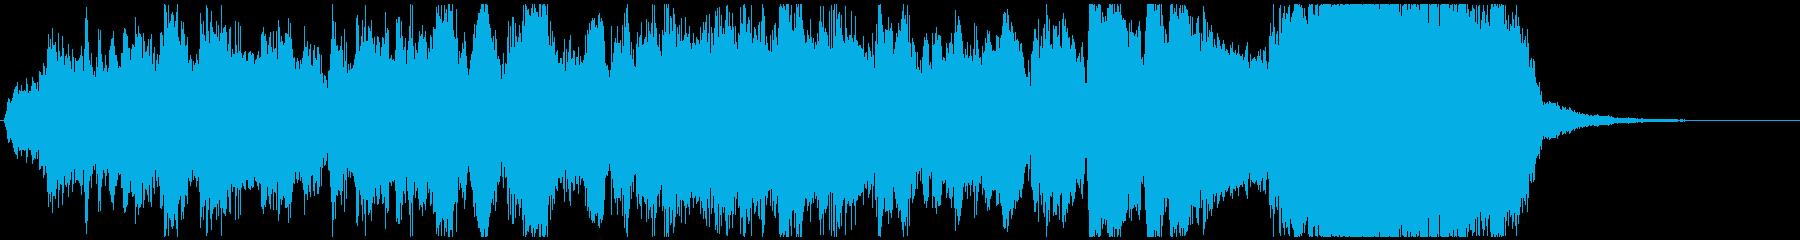 生演奏トランペット華やかなファンファーレの再生済みの波形